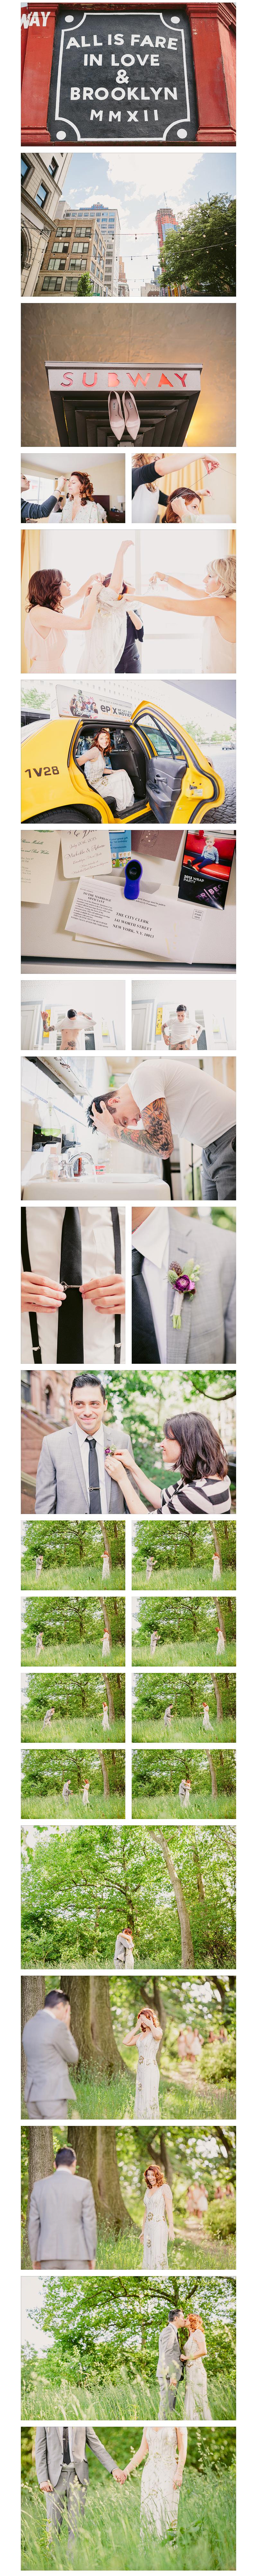 brooklyn-bell-house-wedding-1.jpg